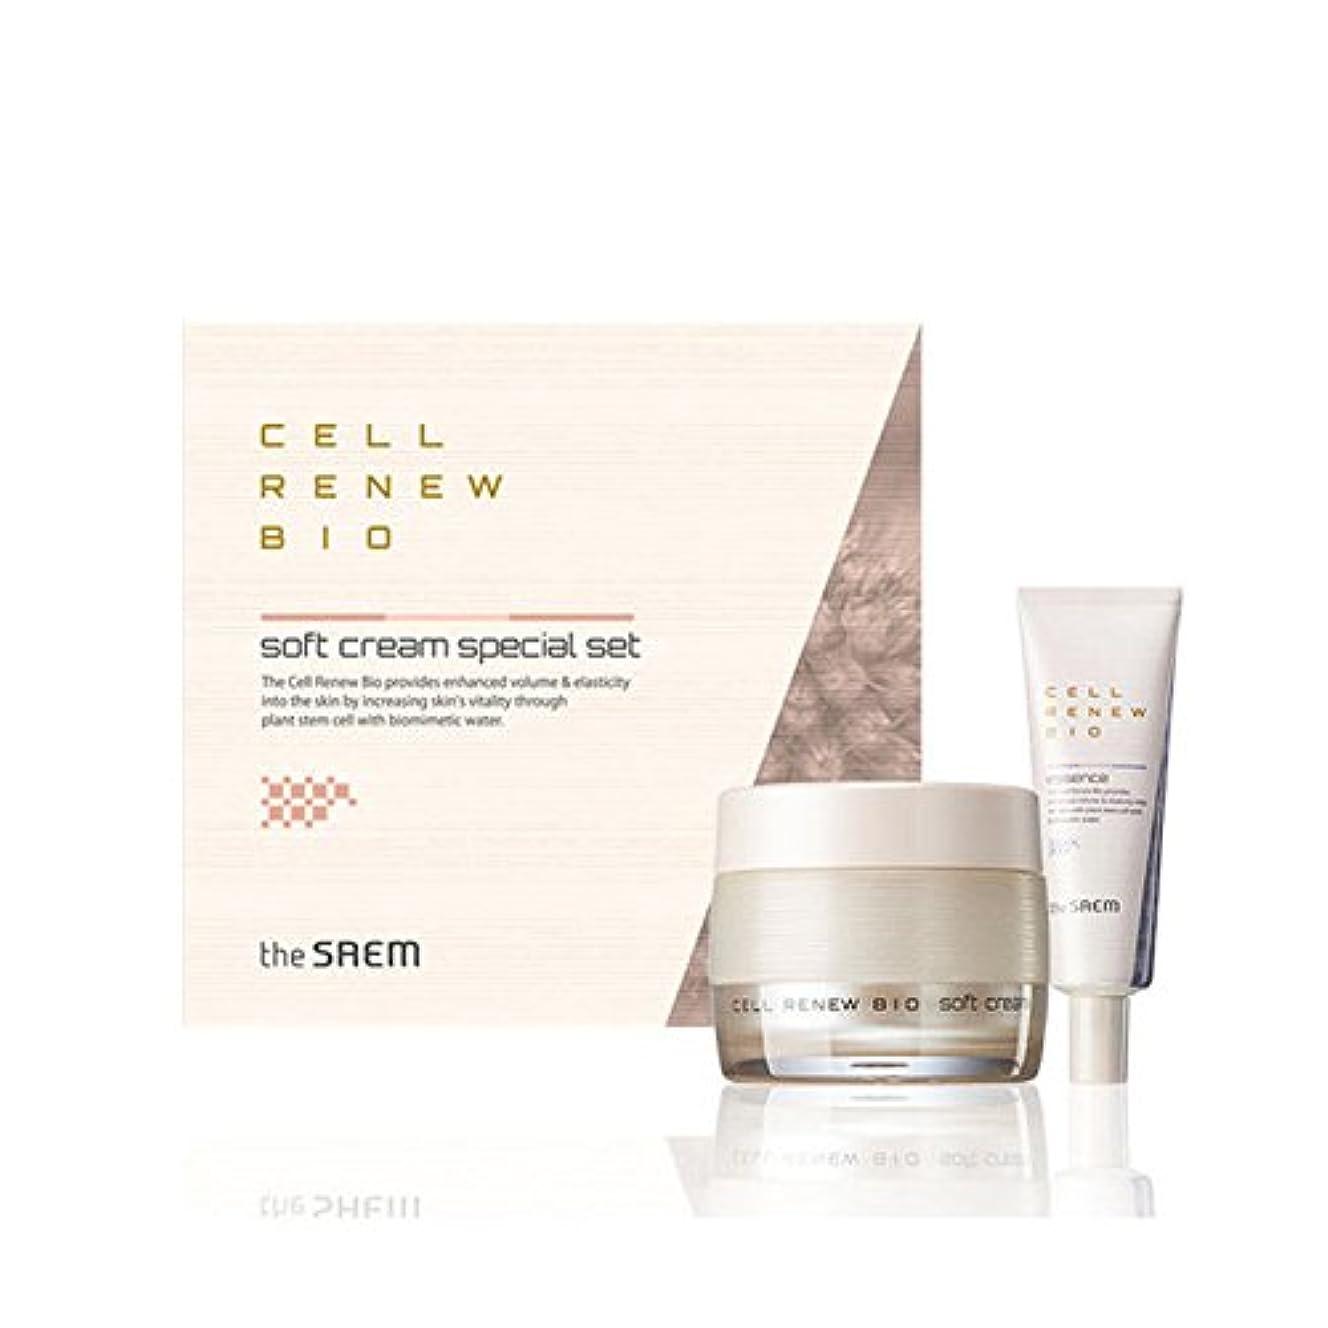 怒りフリッパーチート[ザセム] The Saem セルリニュー バイオ クリーム スペシャルセット Cell Renew Bio Cream Special Set (海外直送品) [並行輸入品]